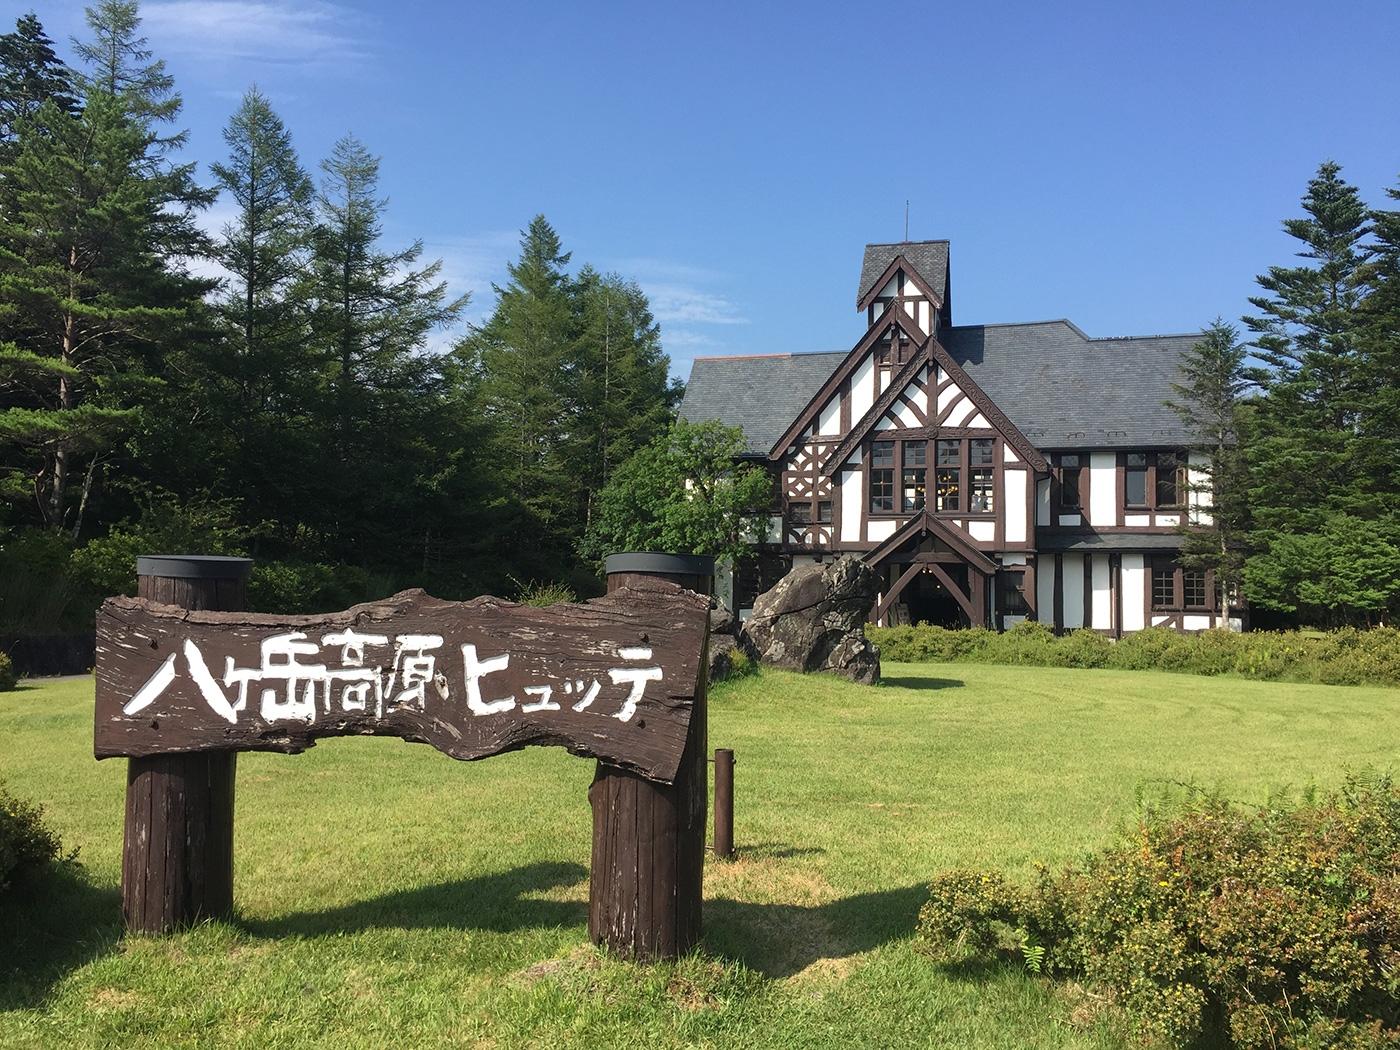 (2018/08/17〜)「ドラマ【高原へいらっしゃい】のロケ地」